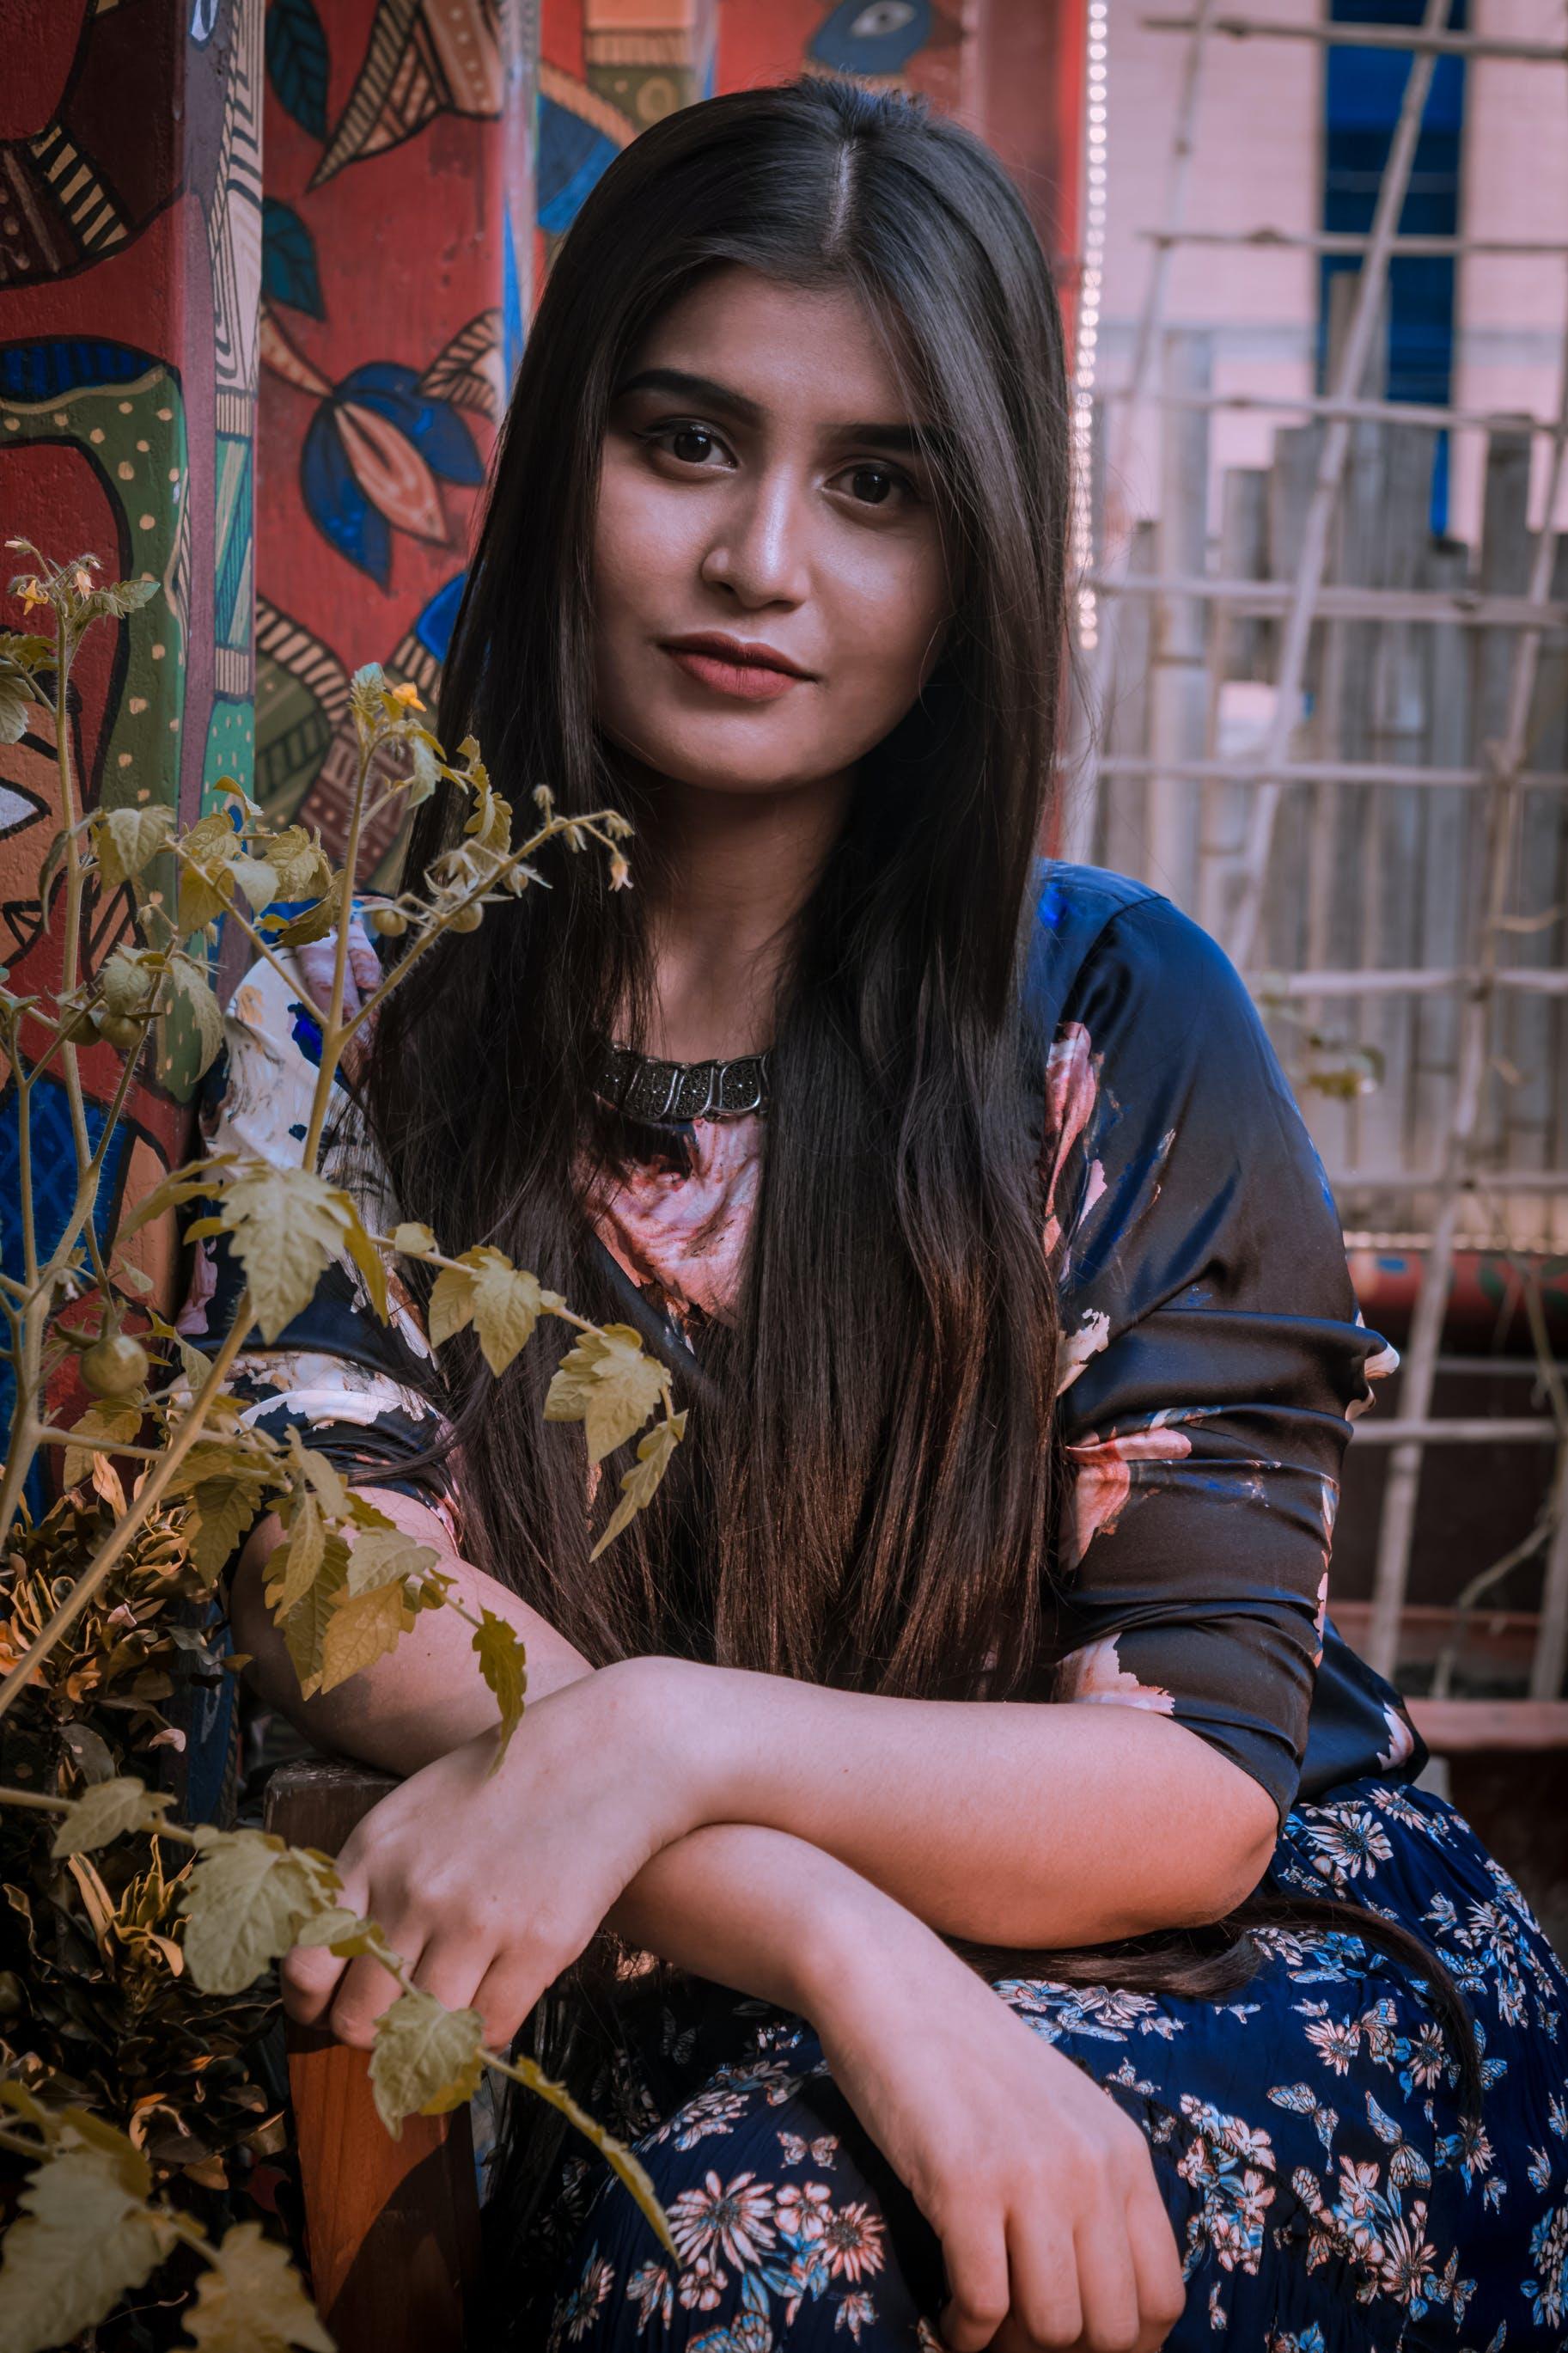 Foto d'estoc gratuïta de bangladeshi, bangladeshi retrat, càmera Nikon, fotògraf bangladeshi